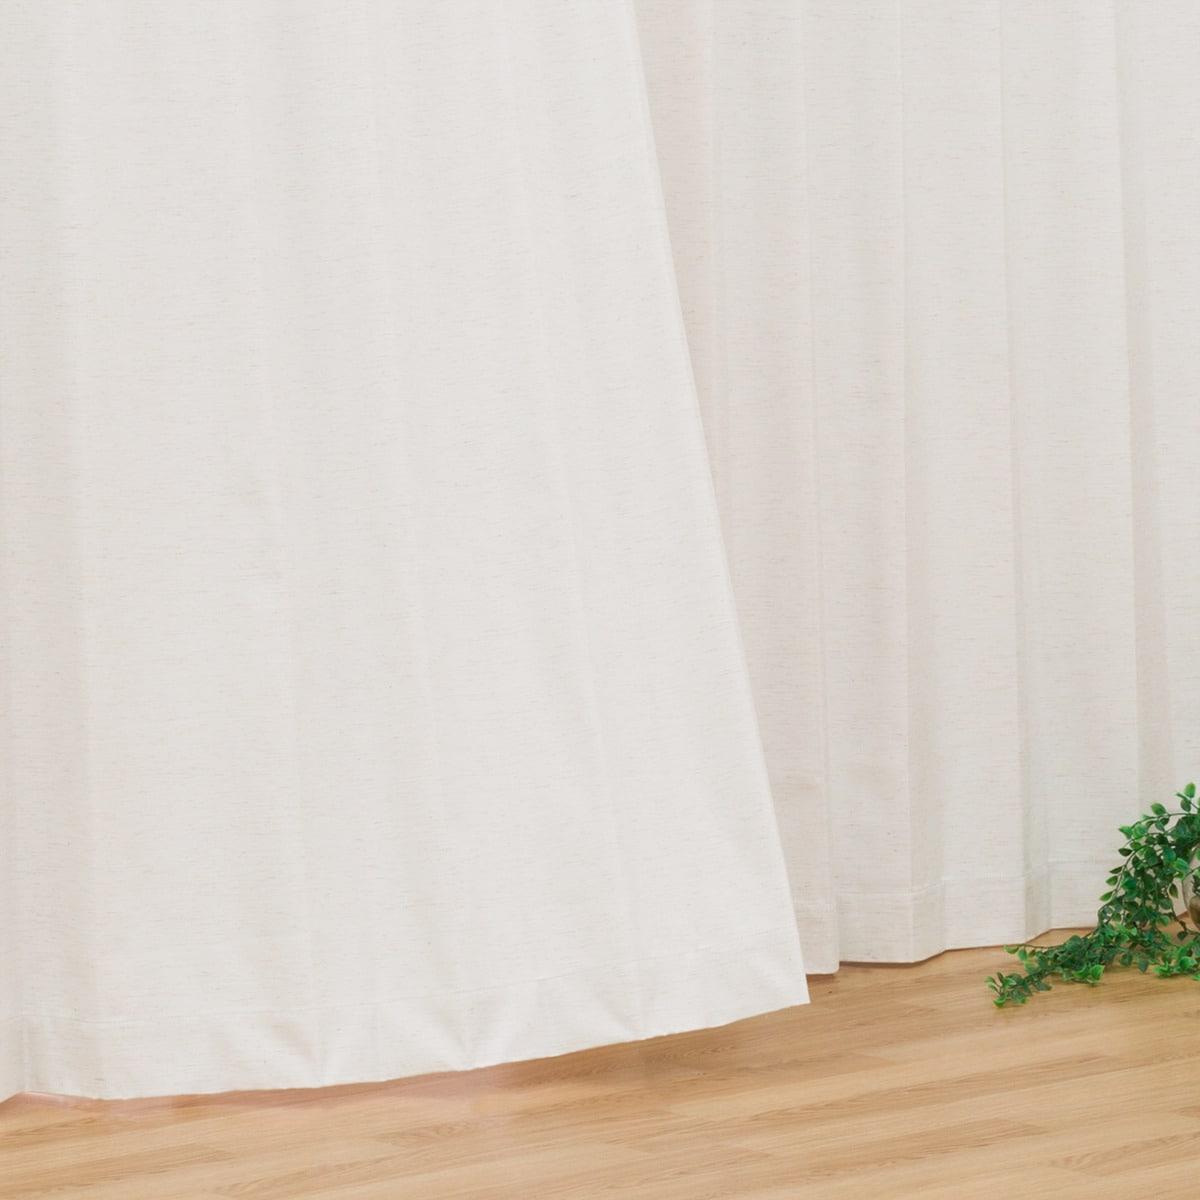 遮光1級・遮熱・遮音カーテン(レーベル アイボリー 100X210X2) ニトリ 【送料無料・玄関先迄納品】